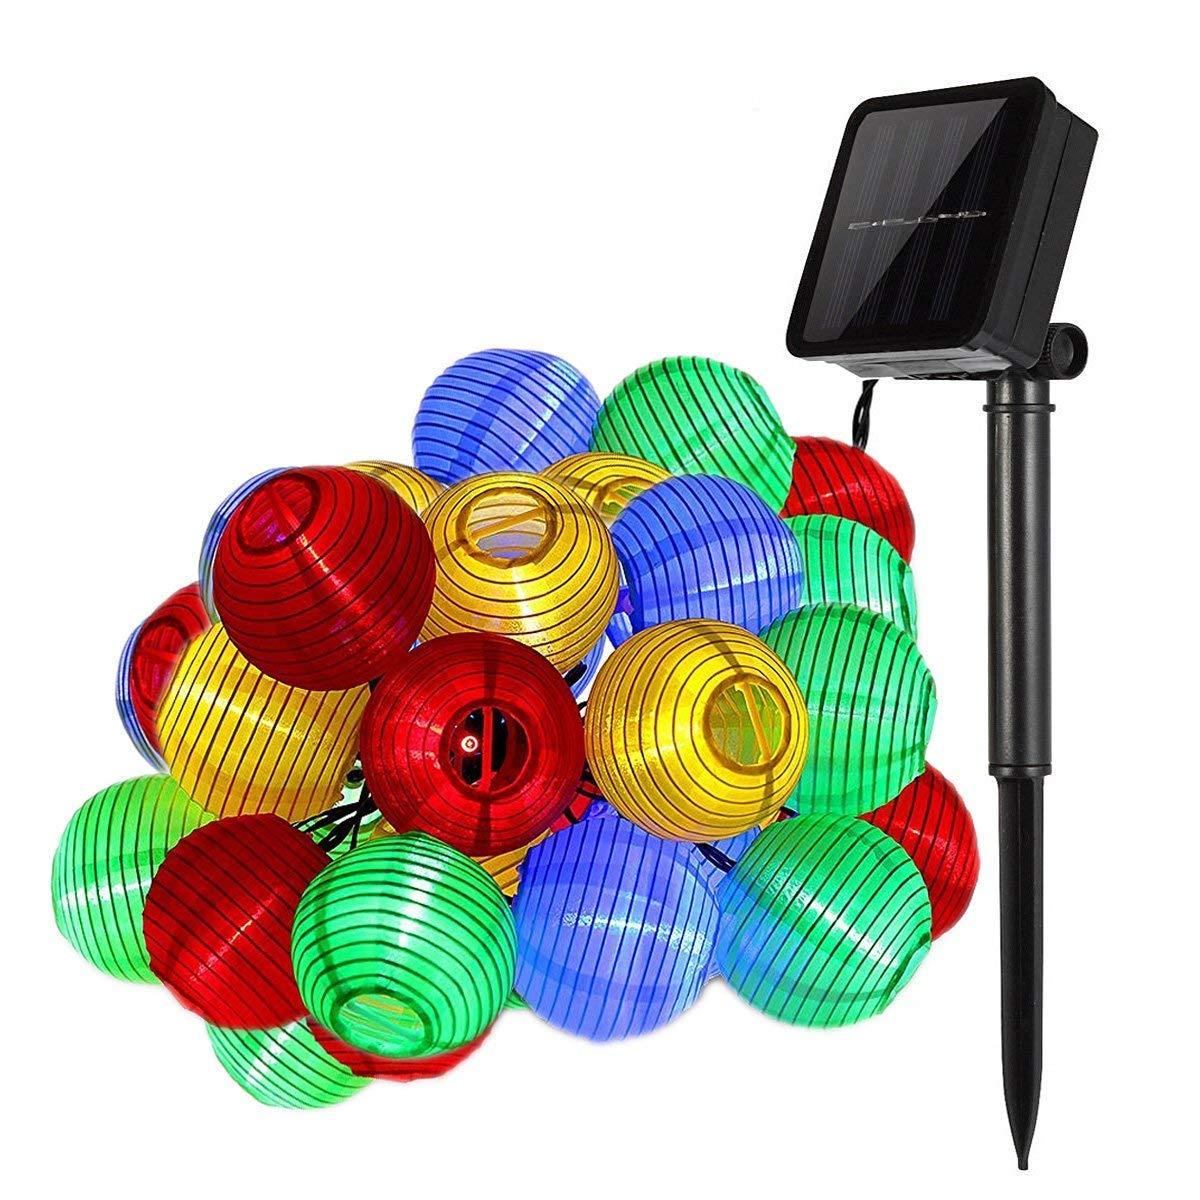 Lichterkette außen,DeepDream Solar Lichterkette bunt Lampion Lantern 6 Meter 30 LED Lichterketten Aussen wasserdichte Gartenbeleuchtung für Partys, Hochzeiten, Halloween, Weihnachten und andere Innen und Außenbeleuchtung Dekoration[Energieklasse A+++] Lich